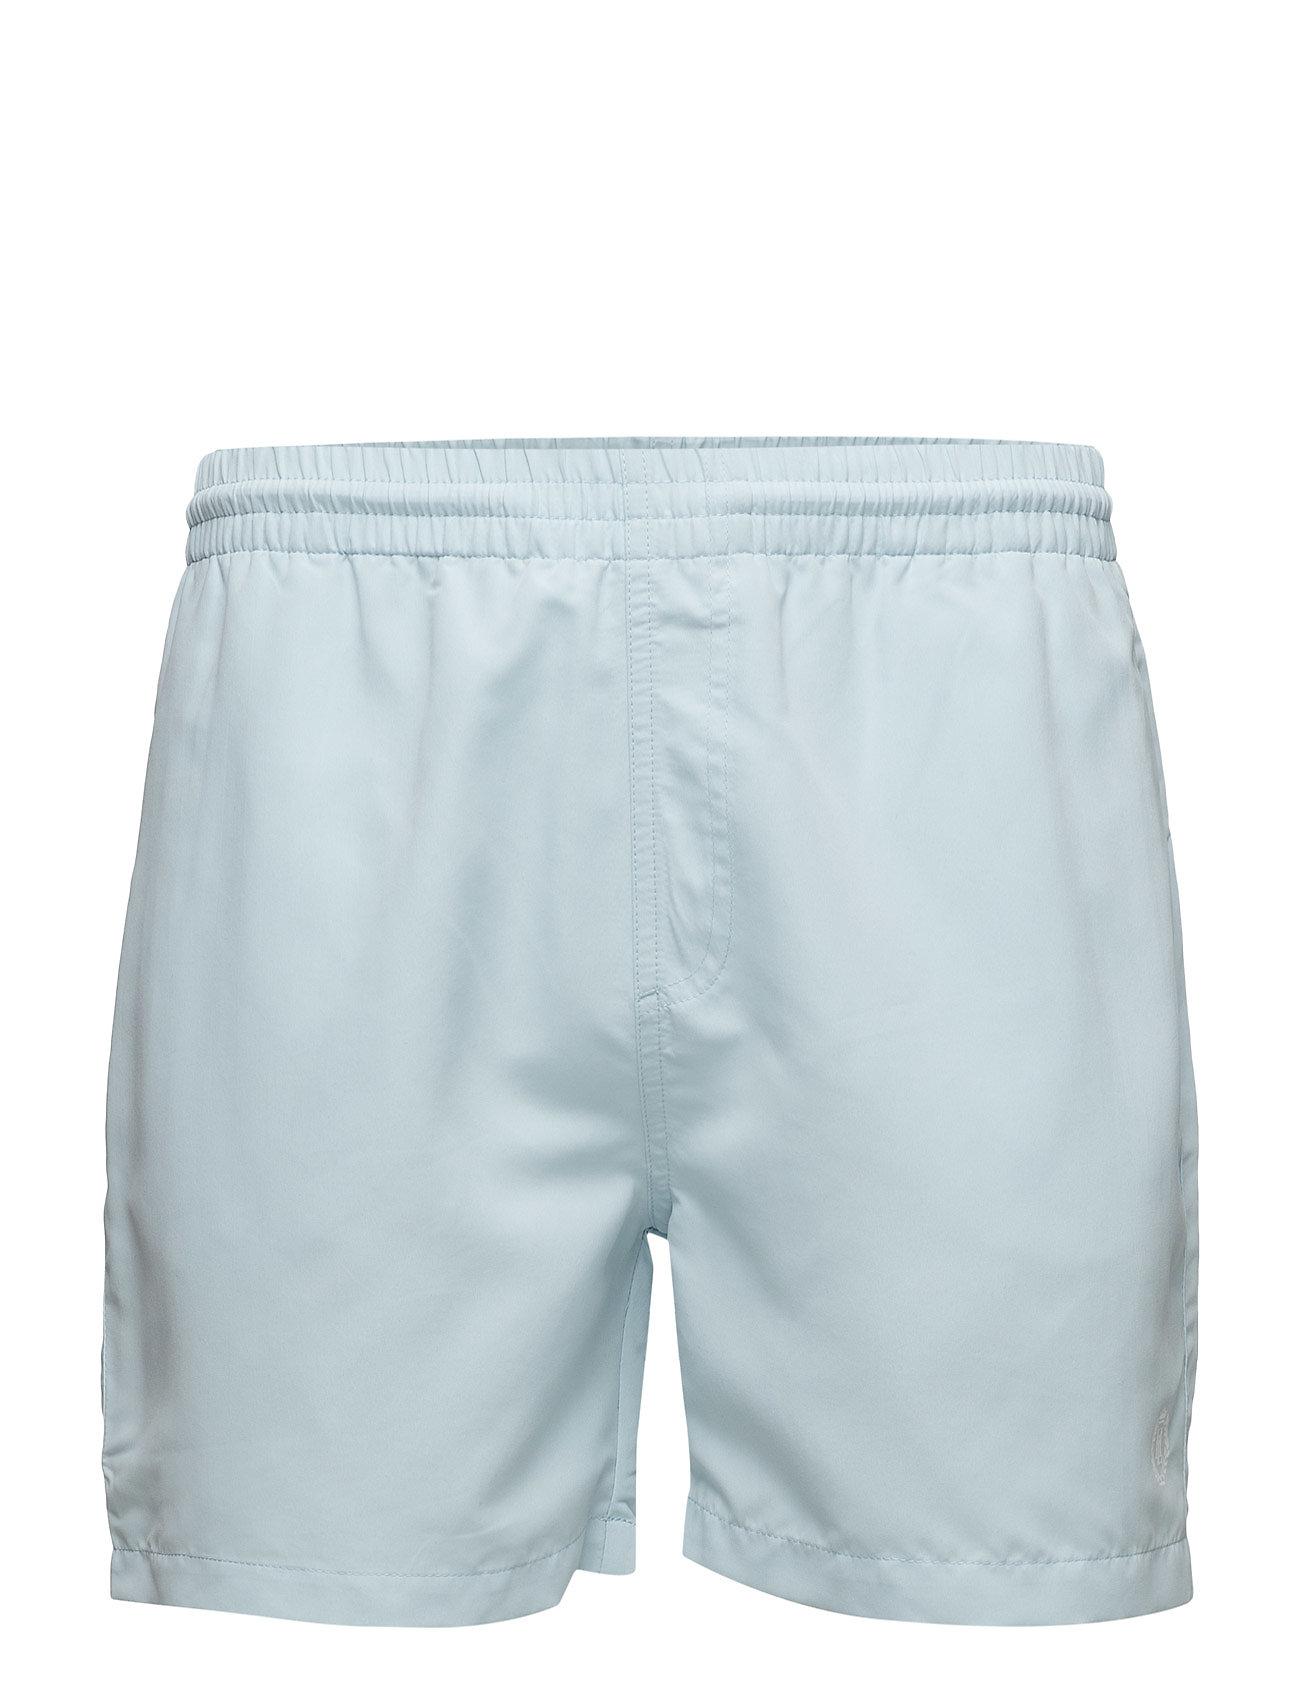 Brixham Swim Short Henri Lloyd Shorts til Herrer i